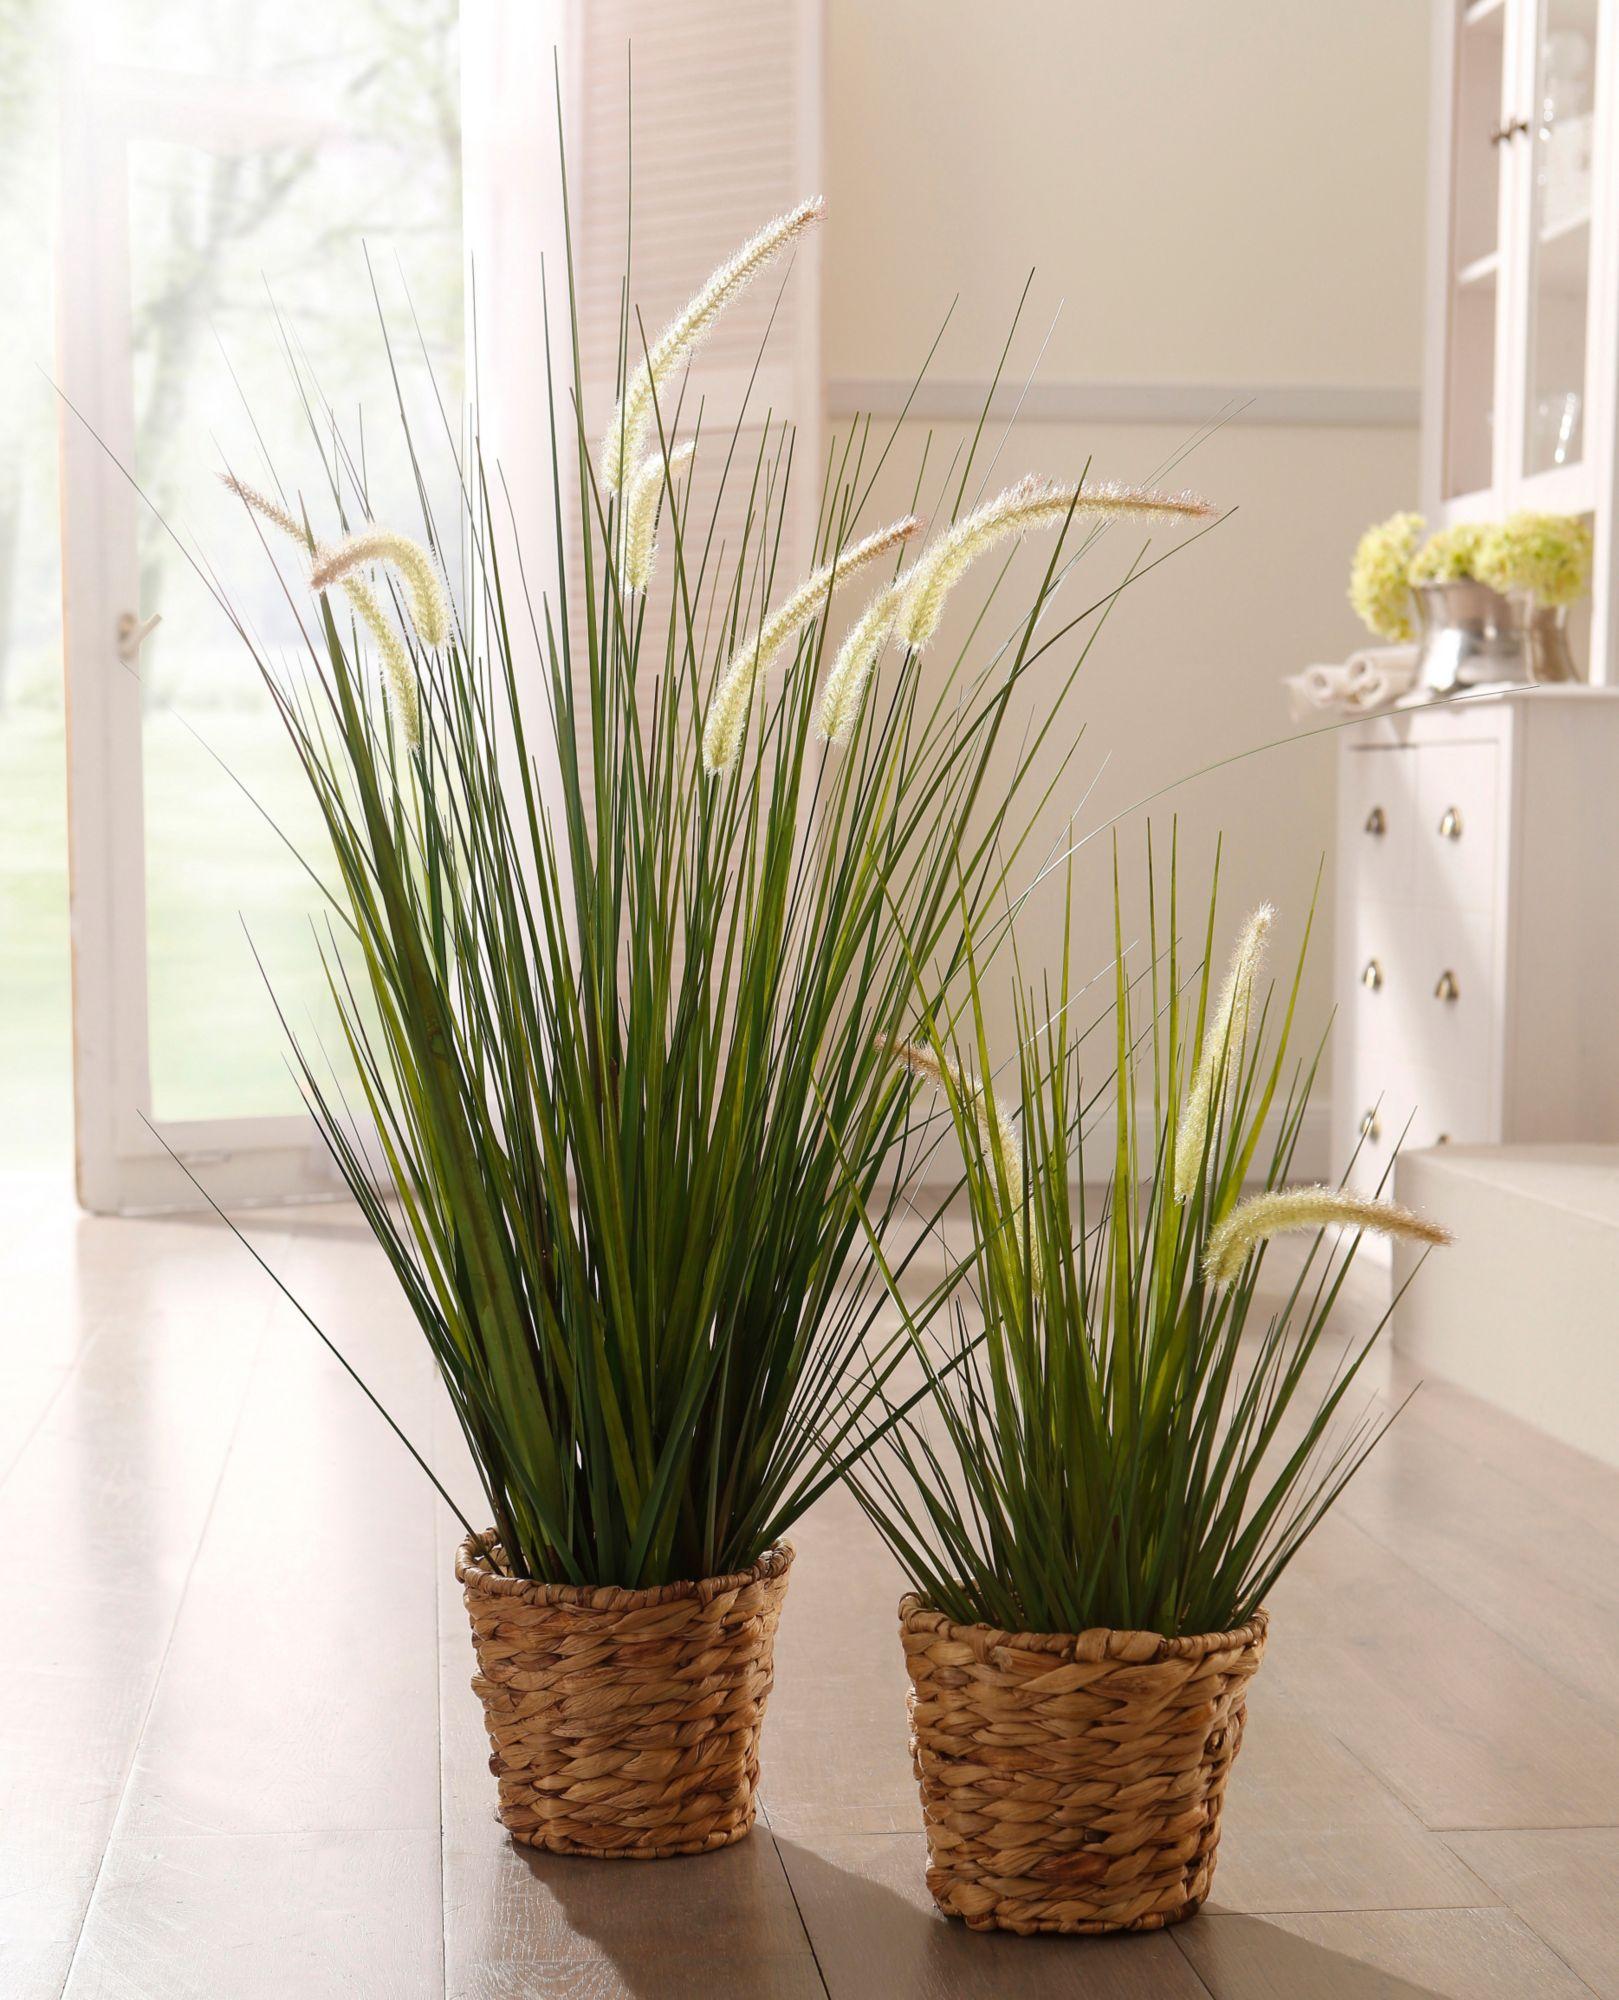 pflanzen in nanopics im alter bis 1 m breit und ca 50 cm hoch sehr langsam wachsend. Black Bedroom Furniture Sets. Home Design Ideas